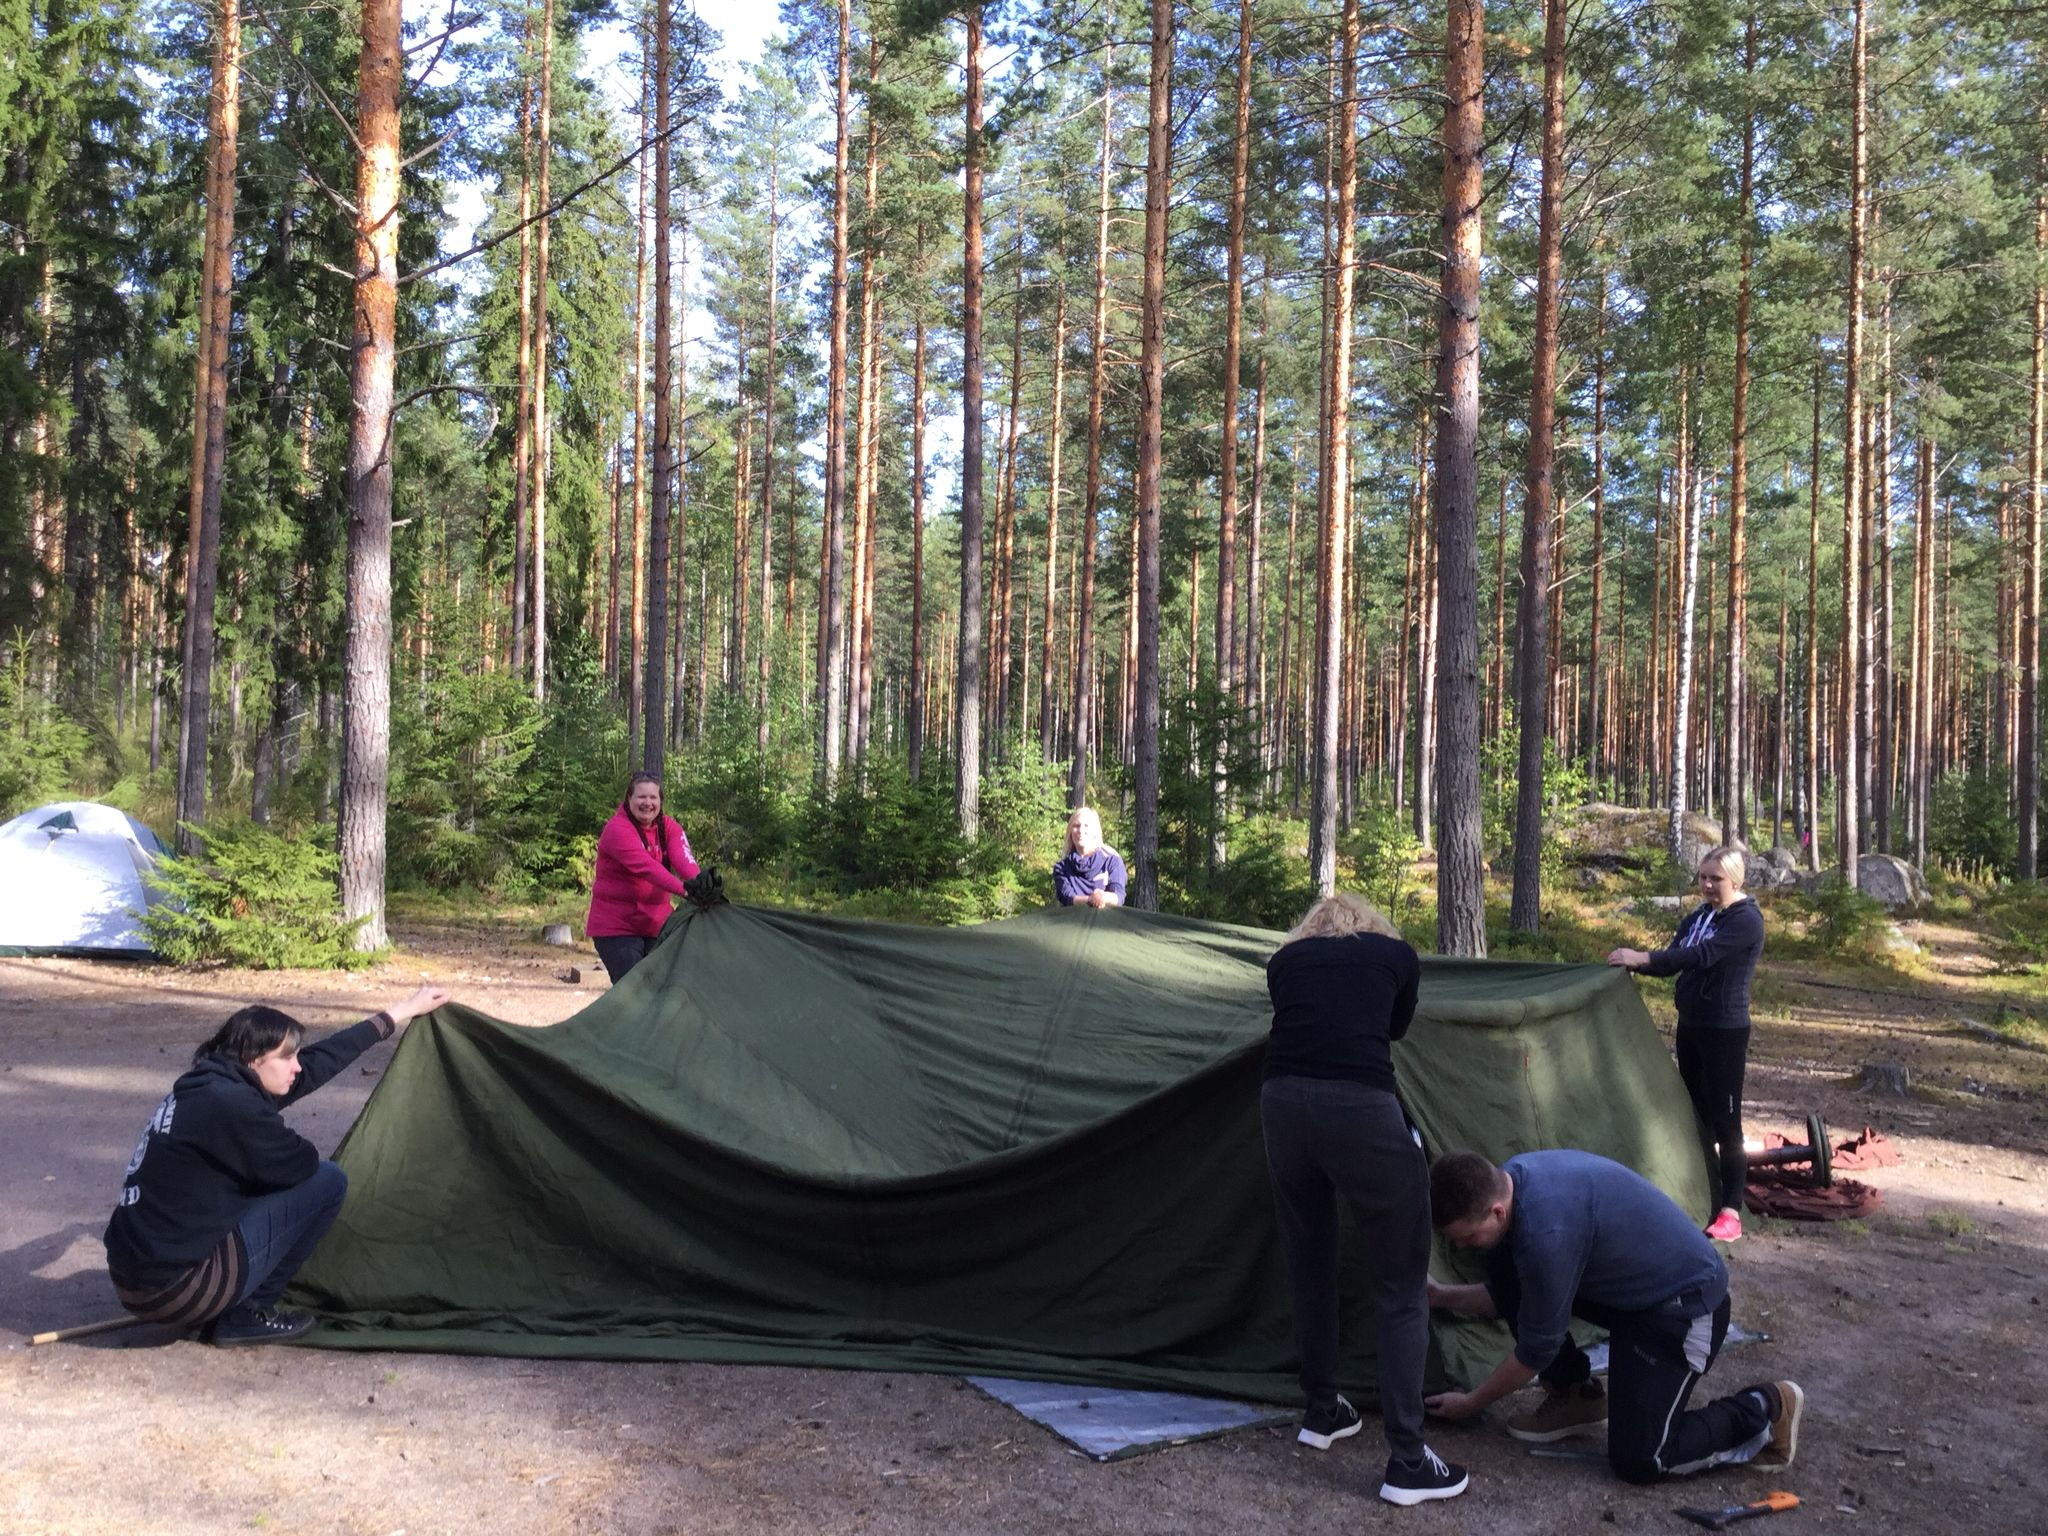 Ruotsin armeijan puolijoukkueteltan pystyttäjät suoriutuivat tehtävästään upeasti... Vieläpä ilman ohjeita!